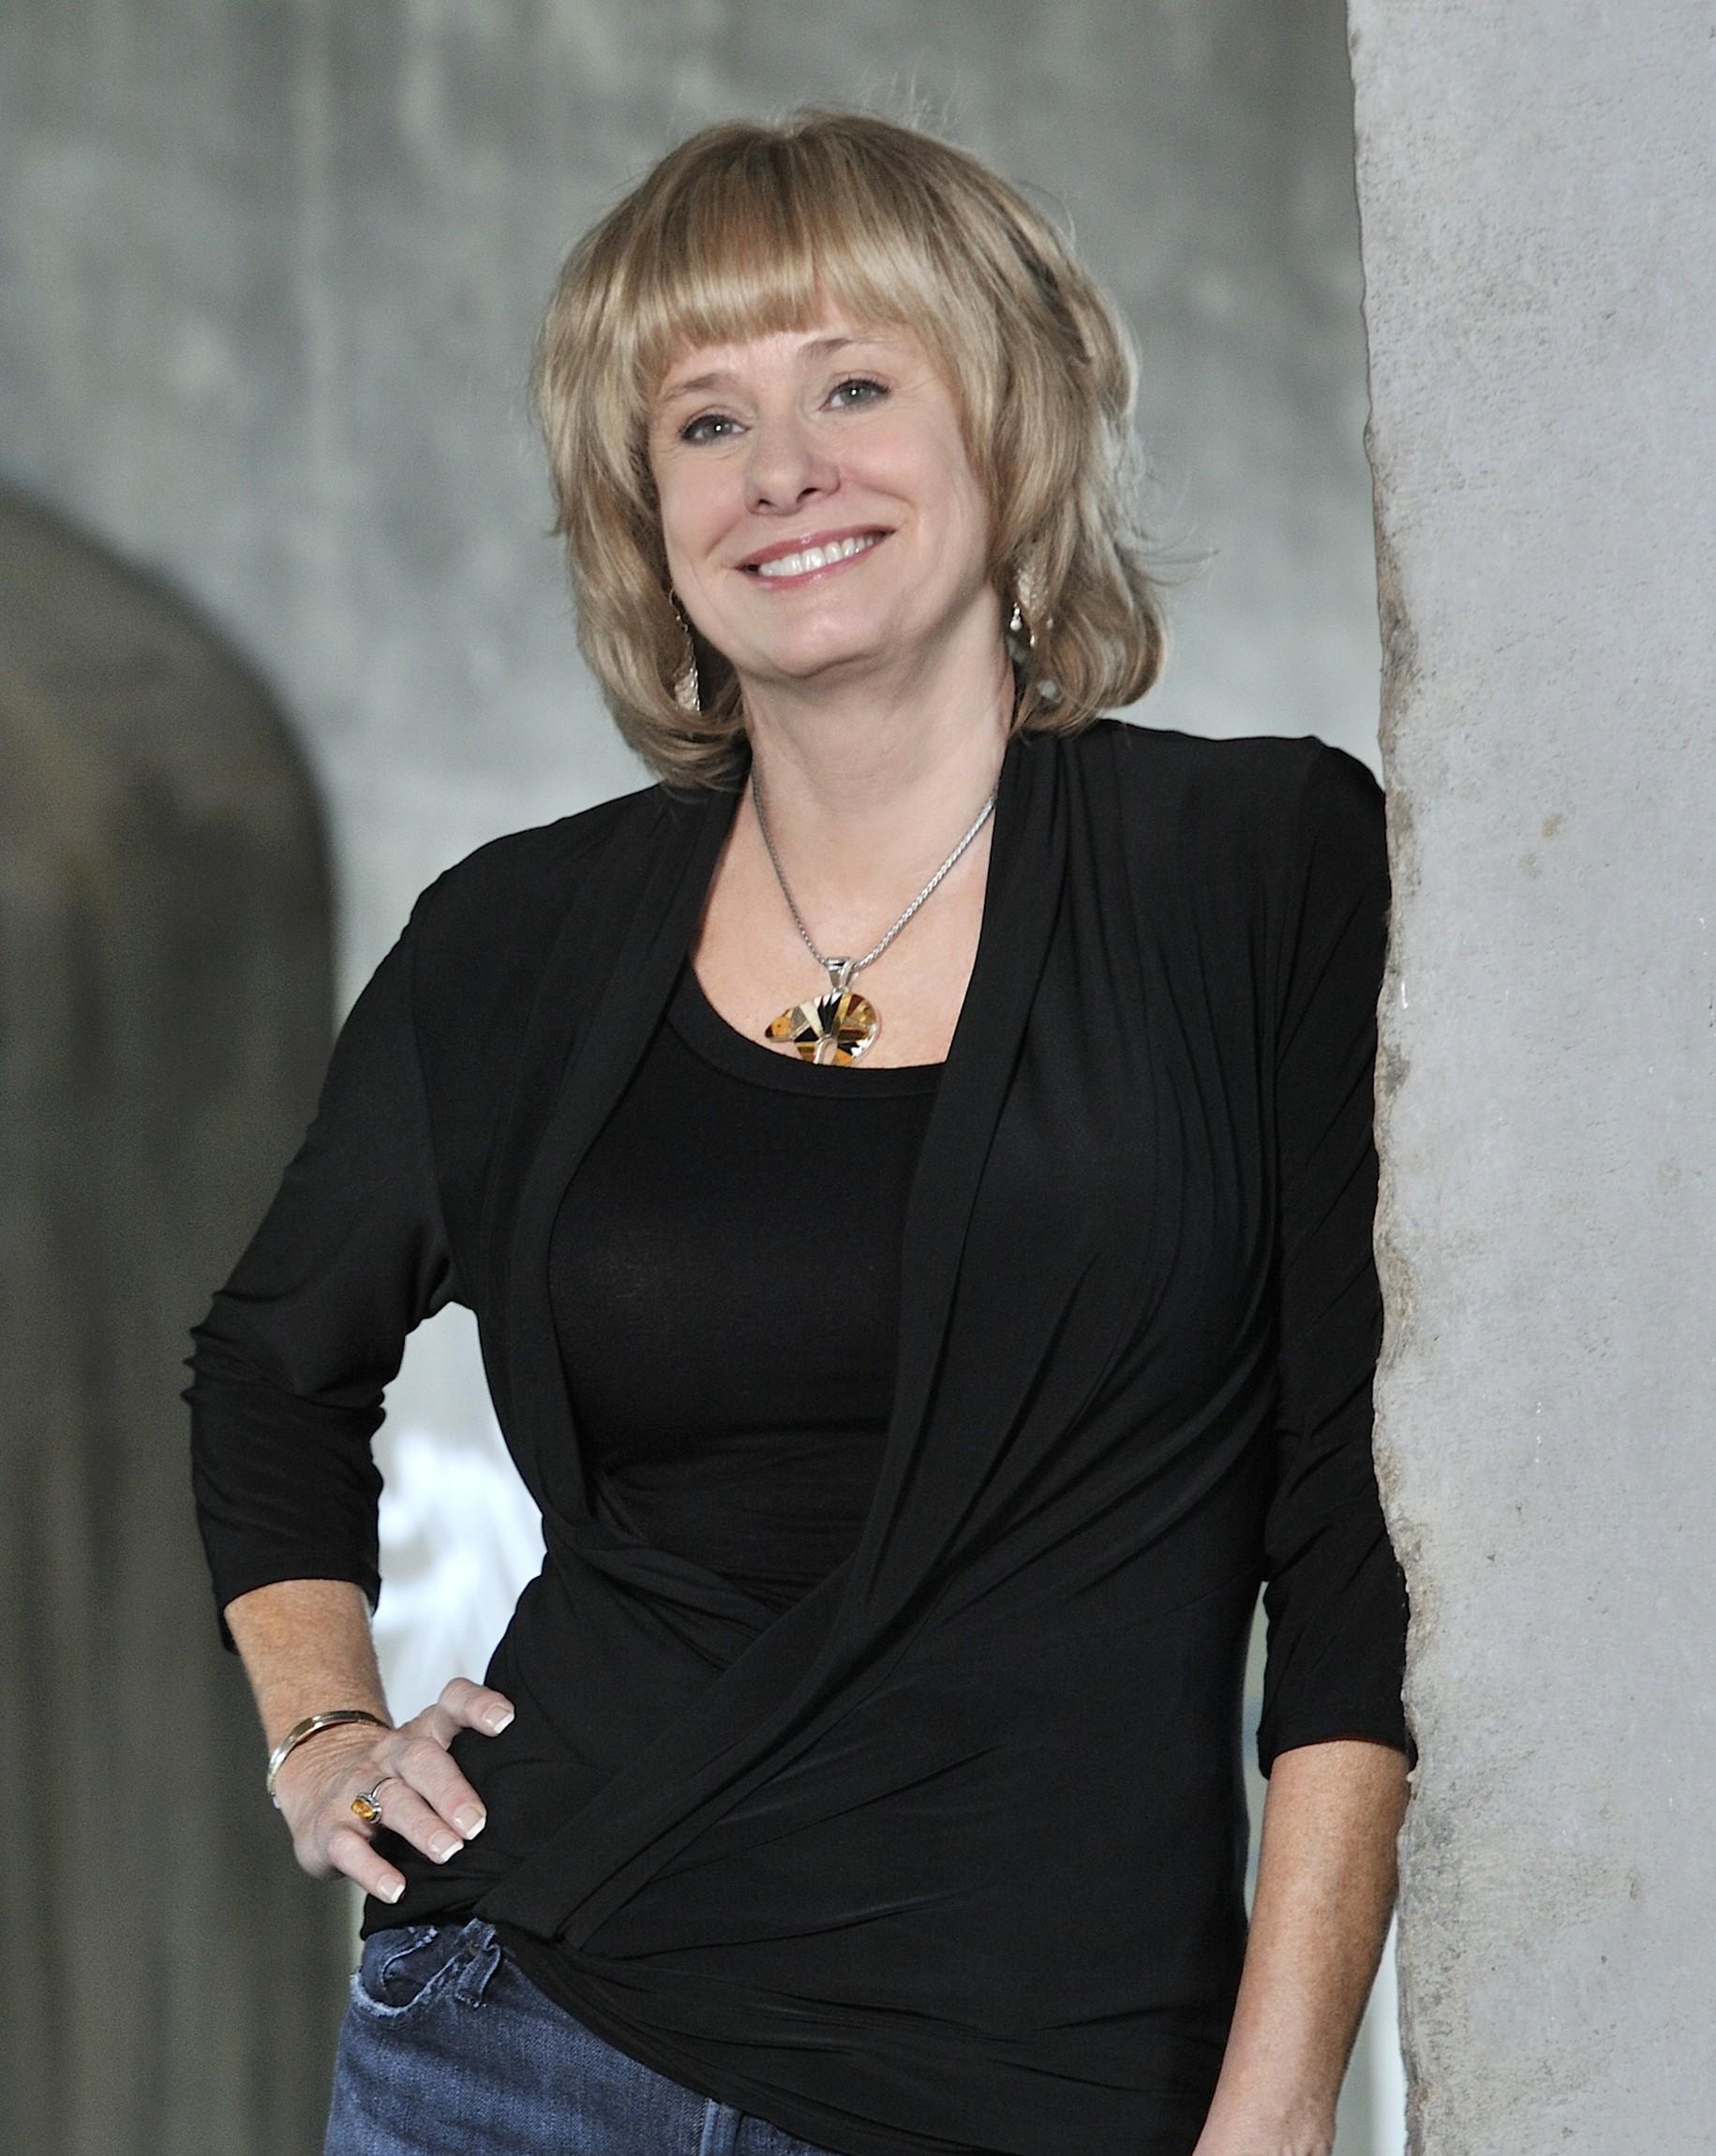 Kathy Reichs' Temper...